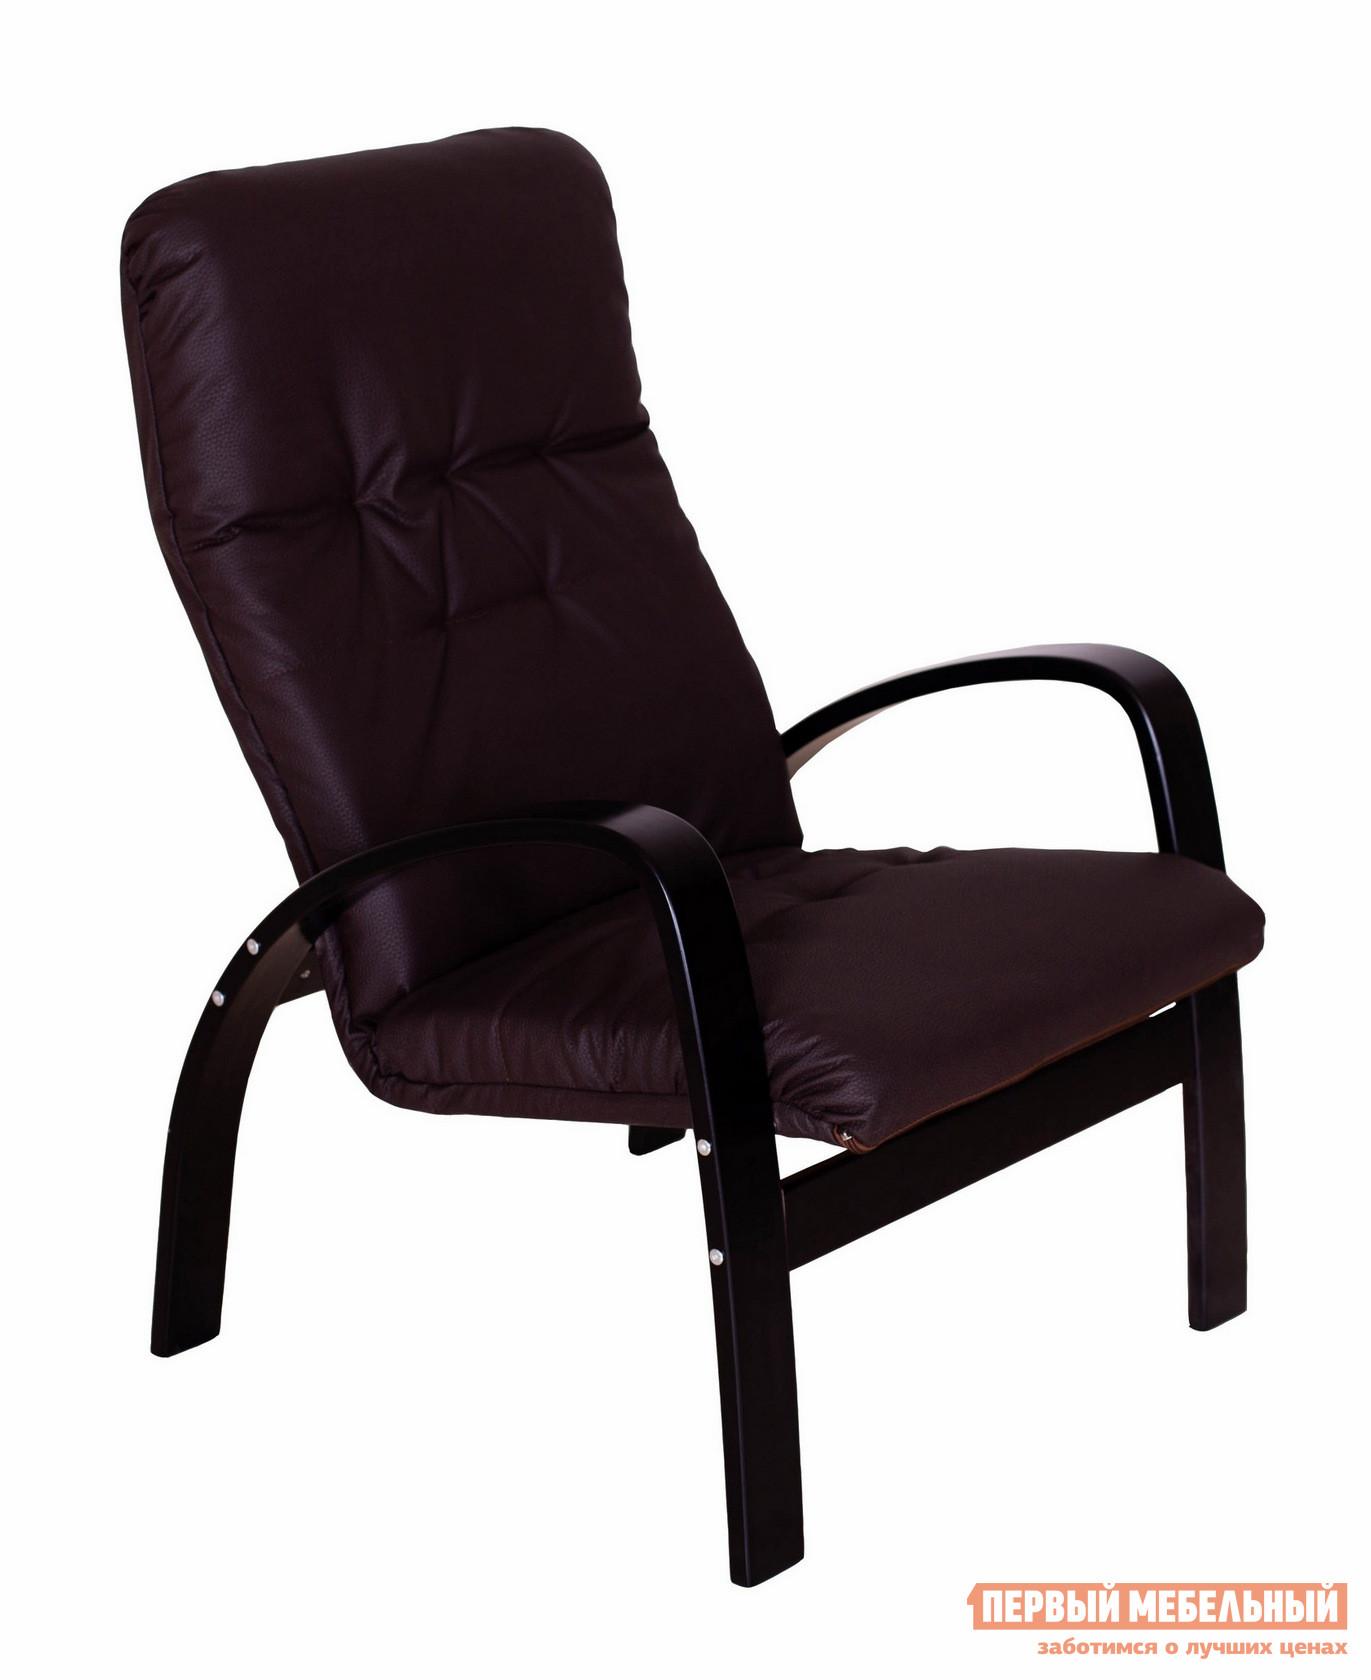 Кресло Мебель Импэкс Кресло для отдыха Ладога кресло для отдыха селена